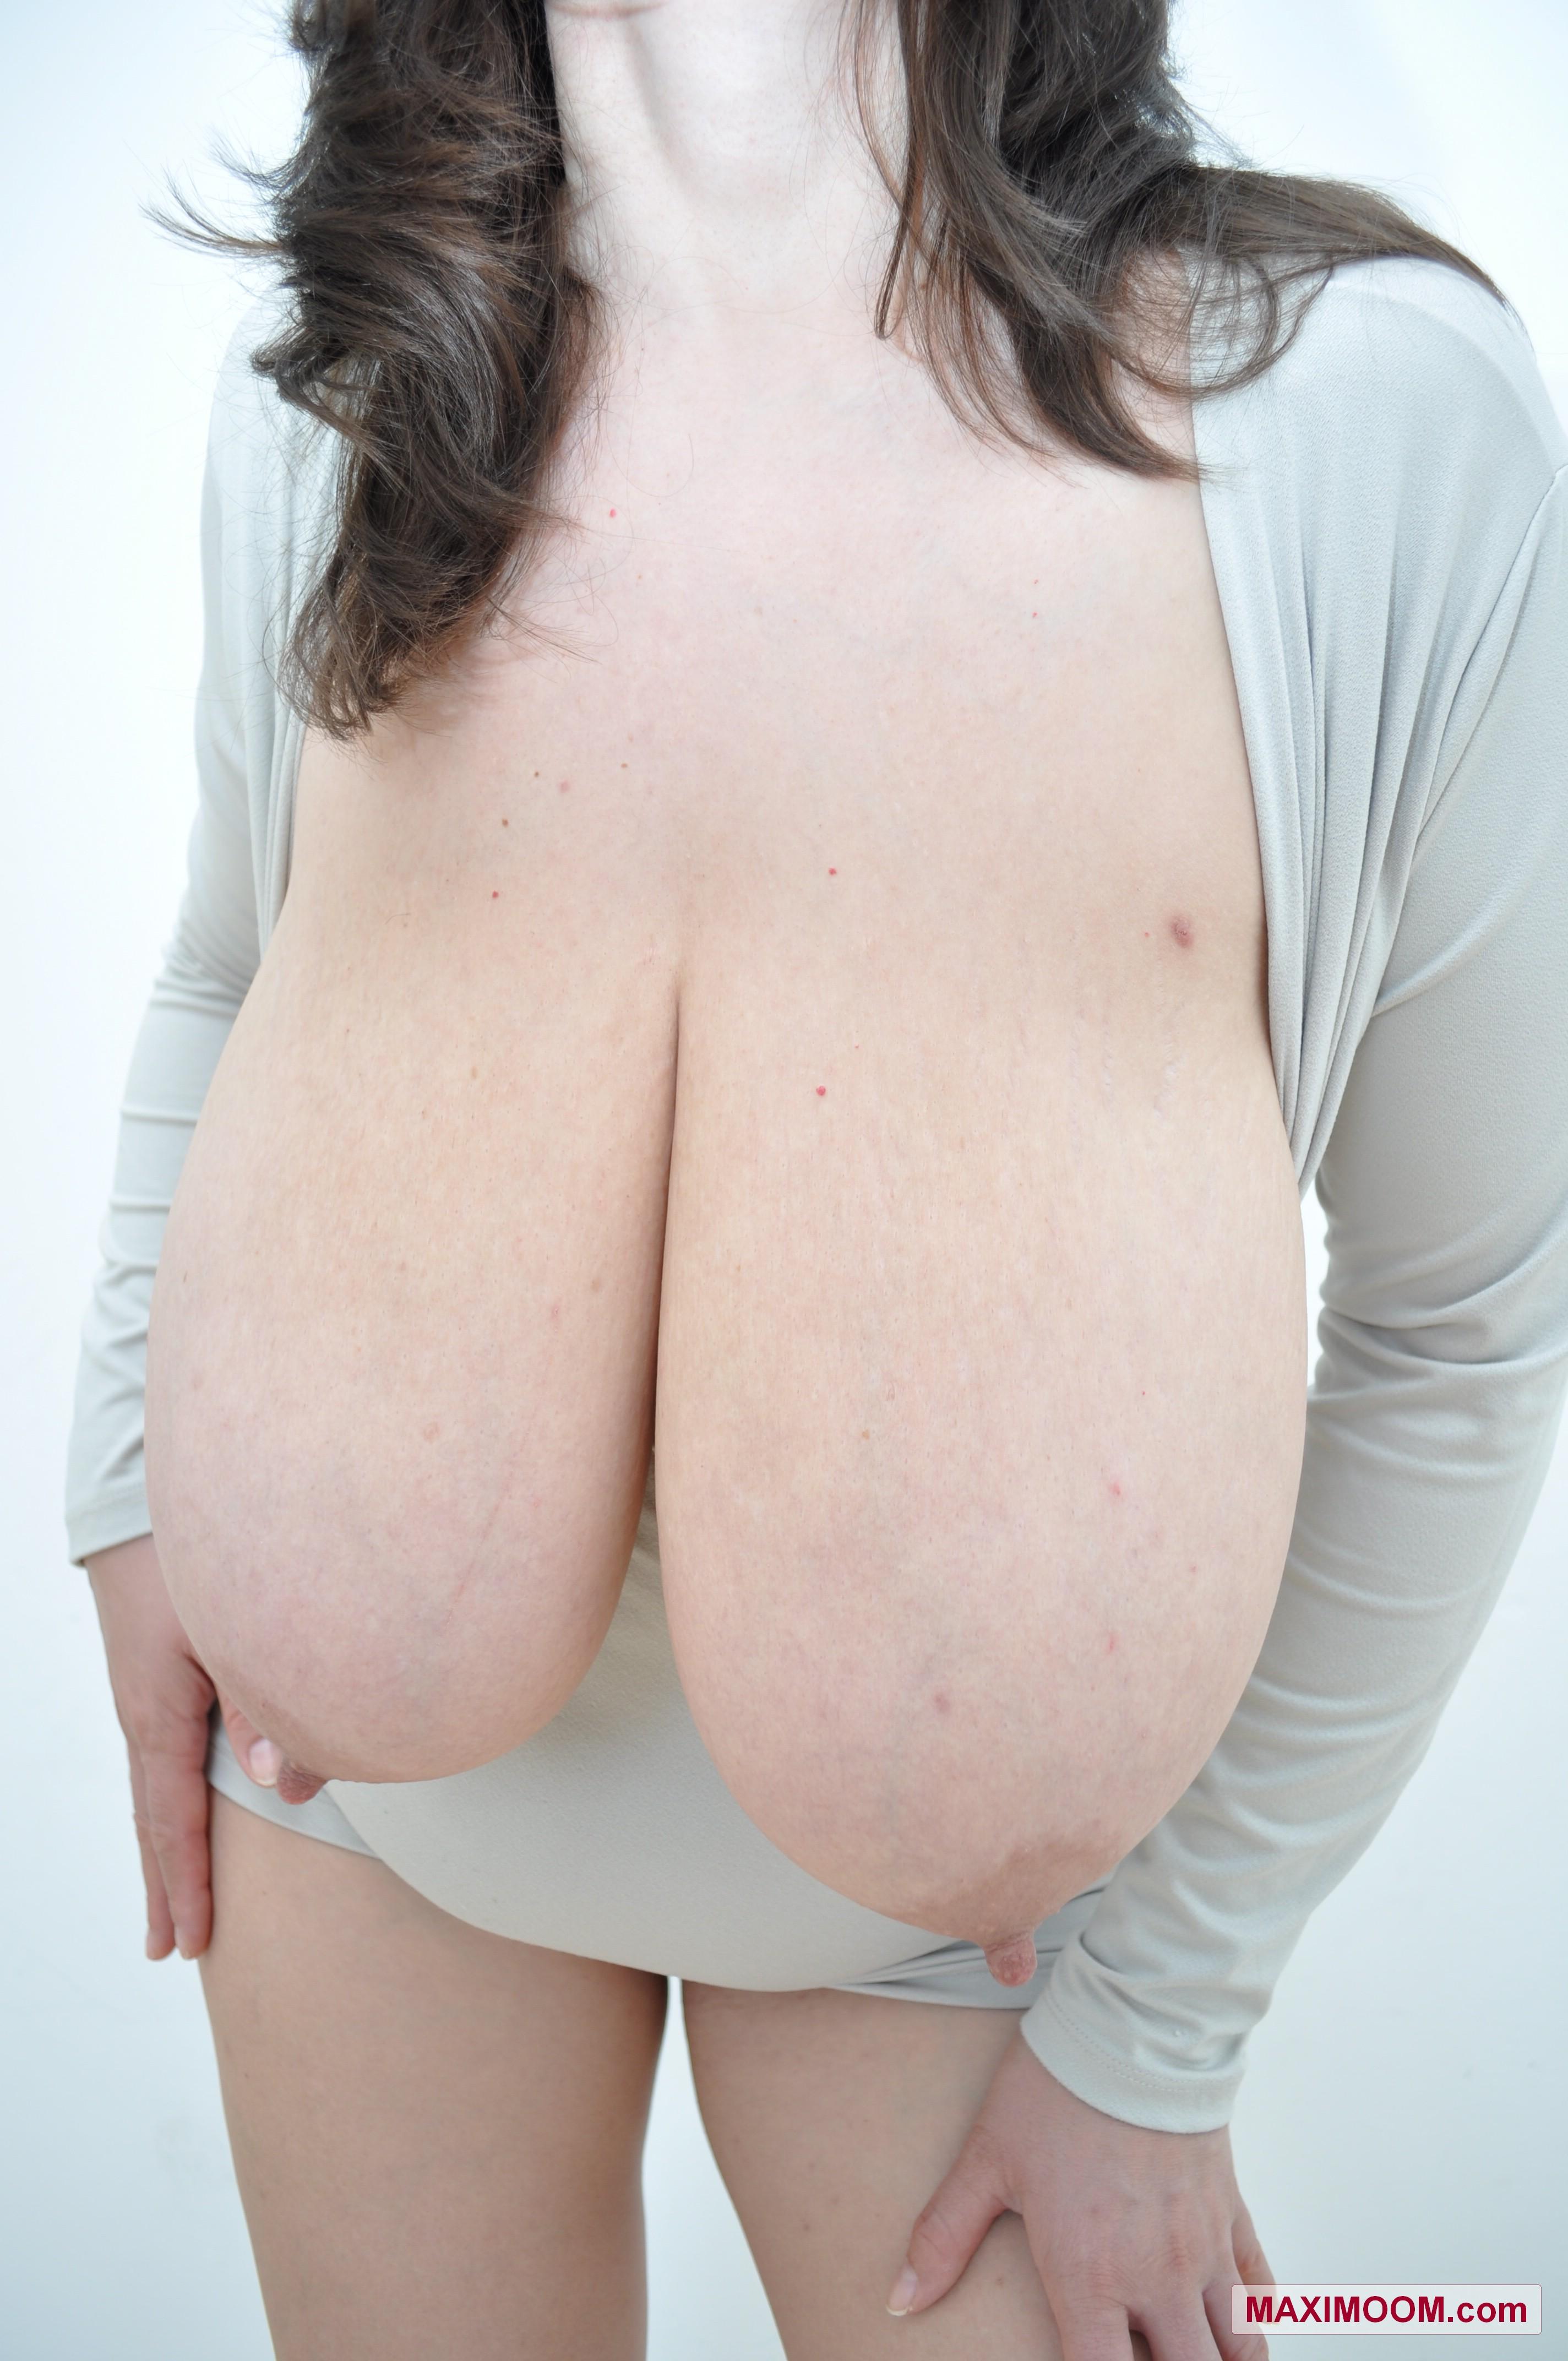 Teen gigantomastia topless, sexy babe creampie